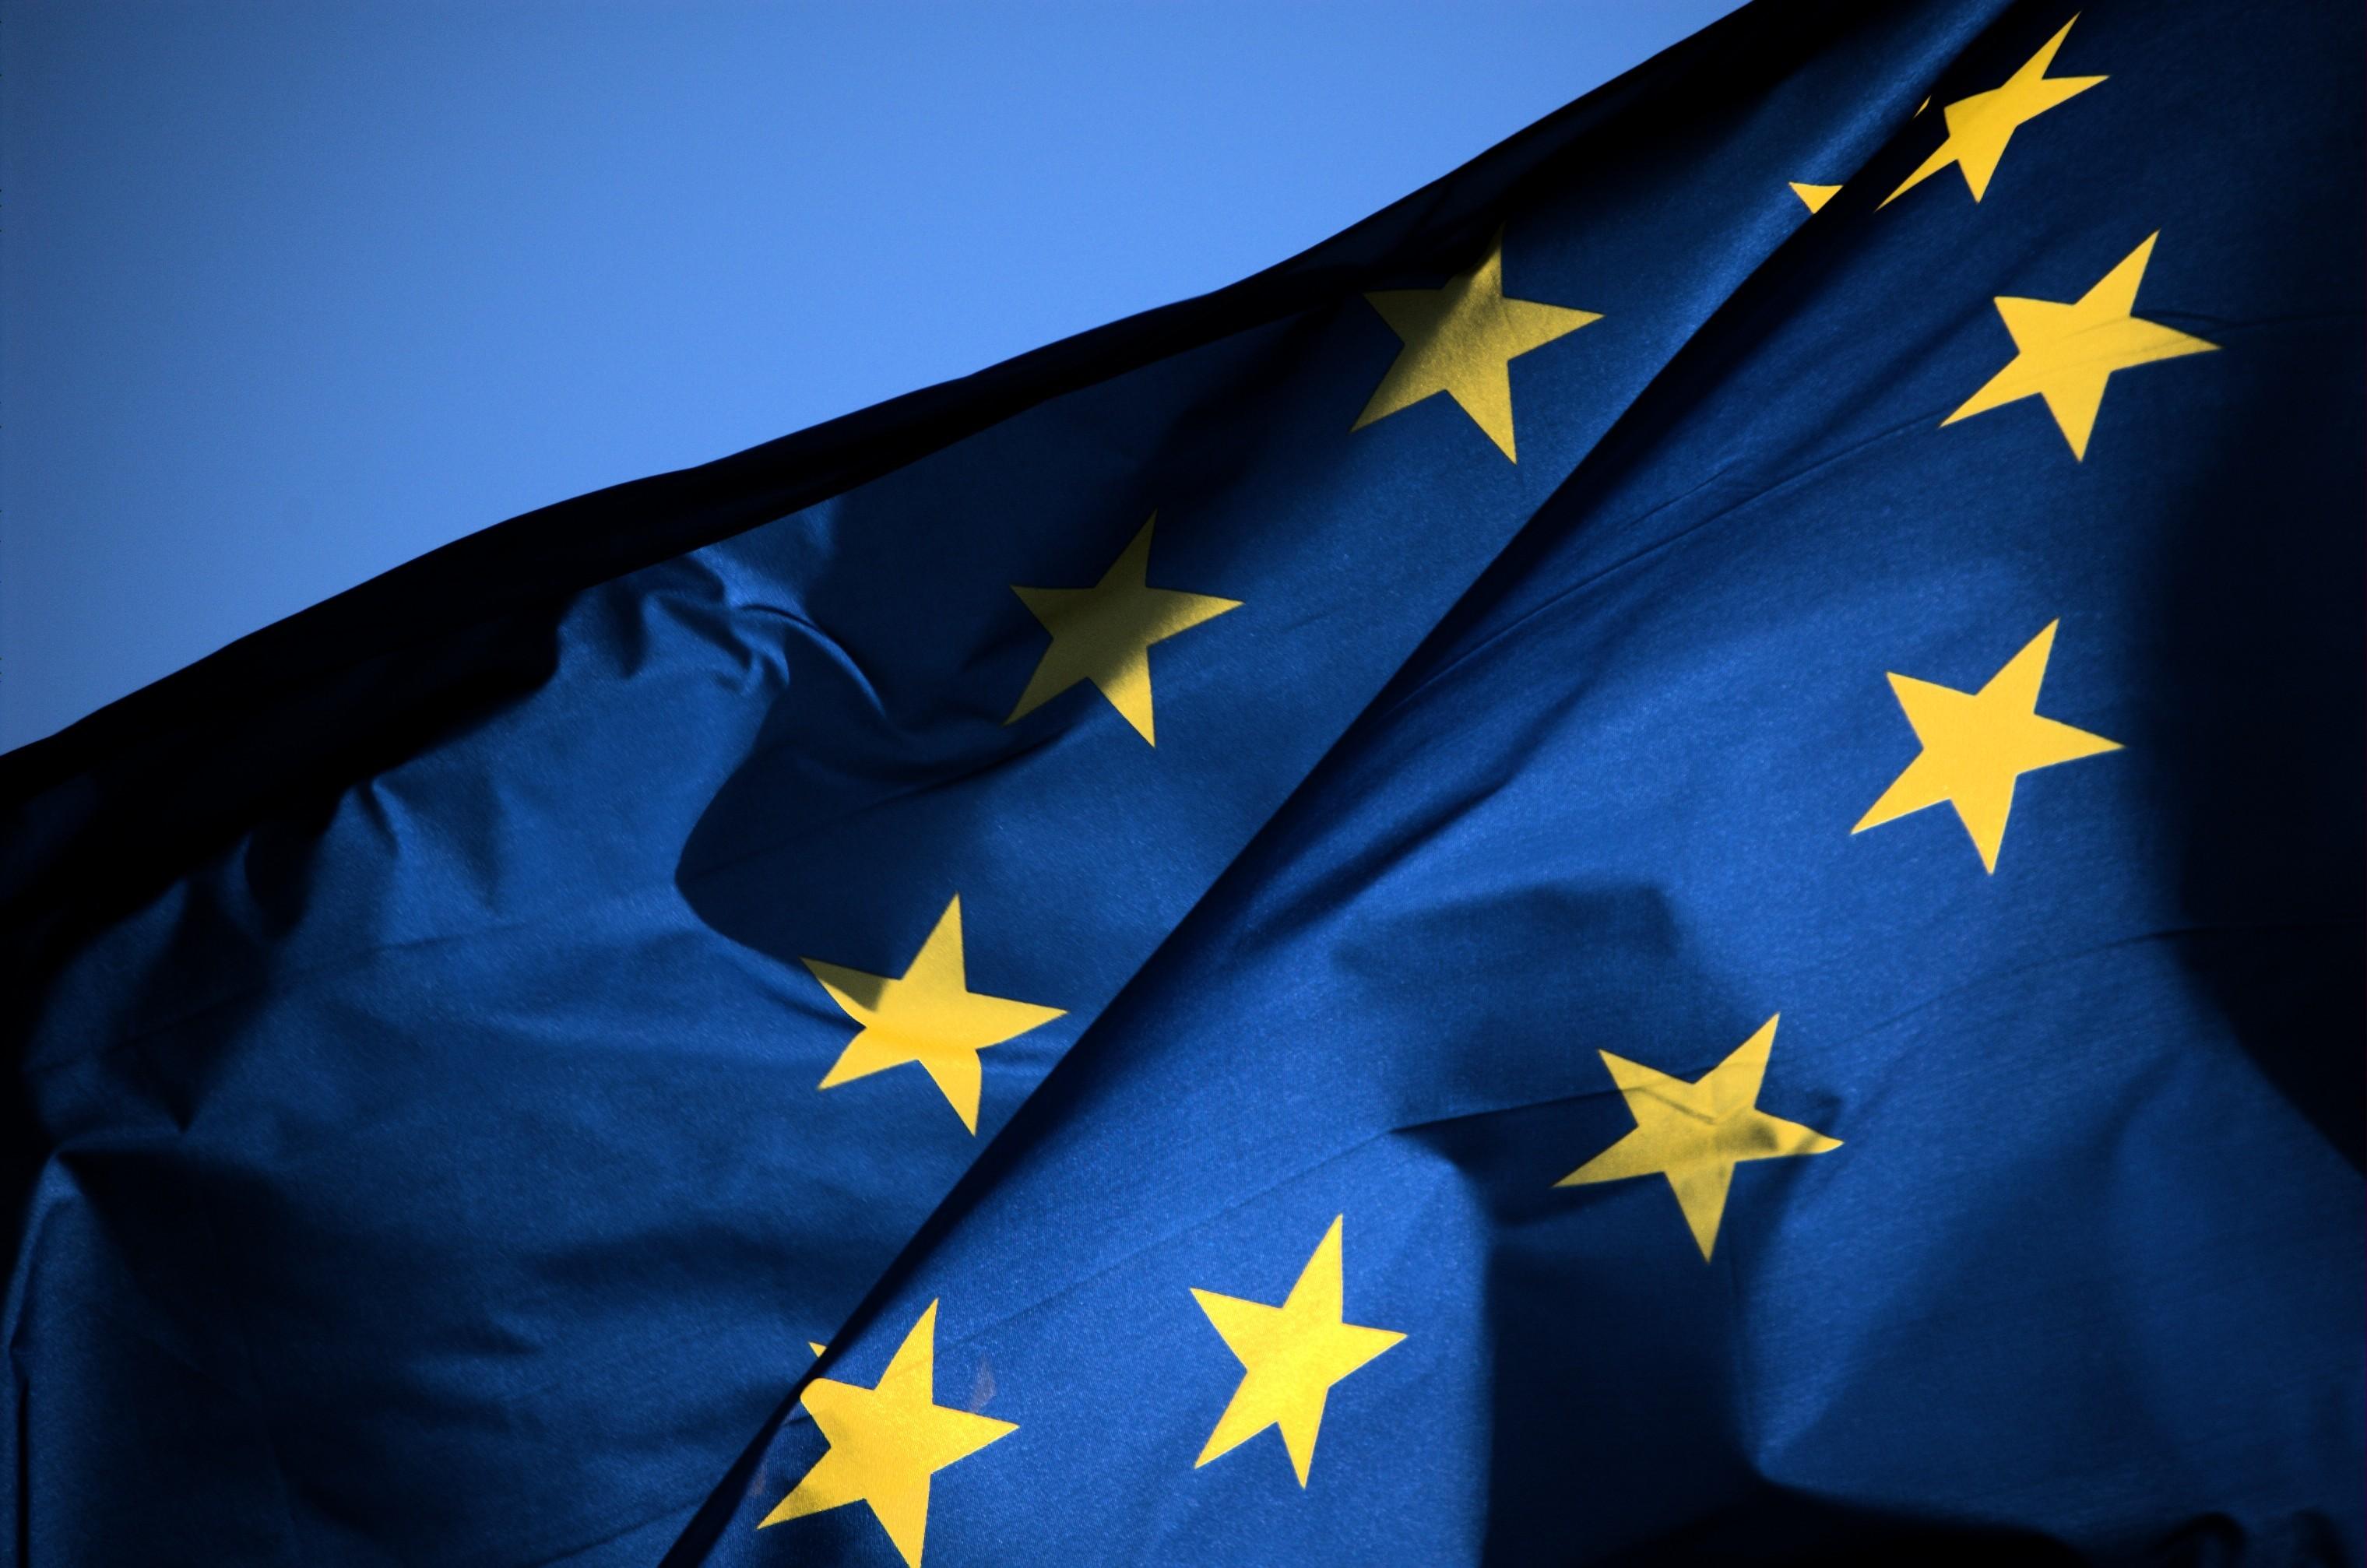 Un primo scambio sull'integrazione europea tra CNA Lombardia e Luisa Trumellini, segretario nazionale del Movimento Federalista Europeo